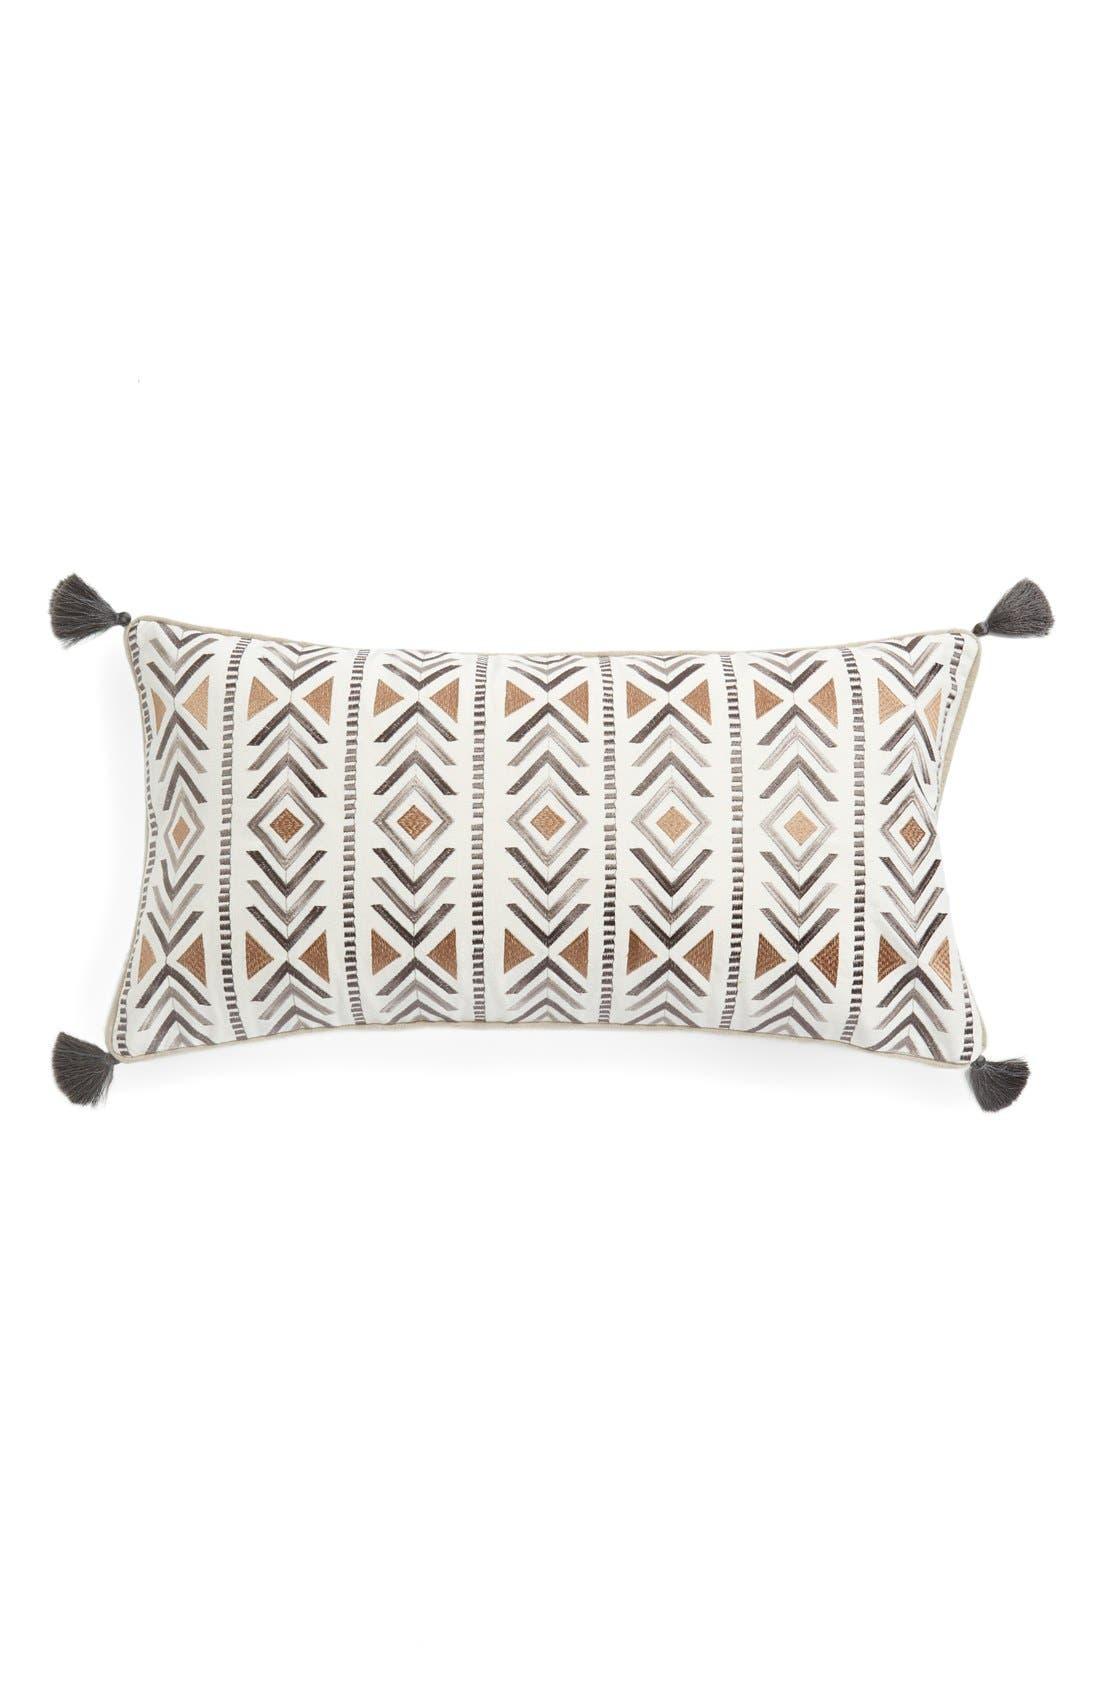 Alternate Image 1 Selected - Levtex'Santa Fe' Tassel Pillow